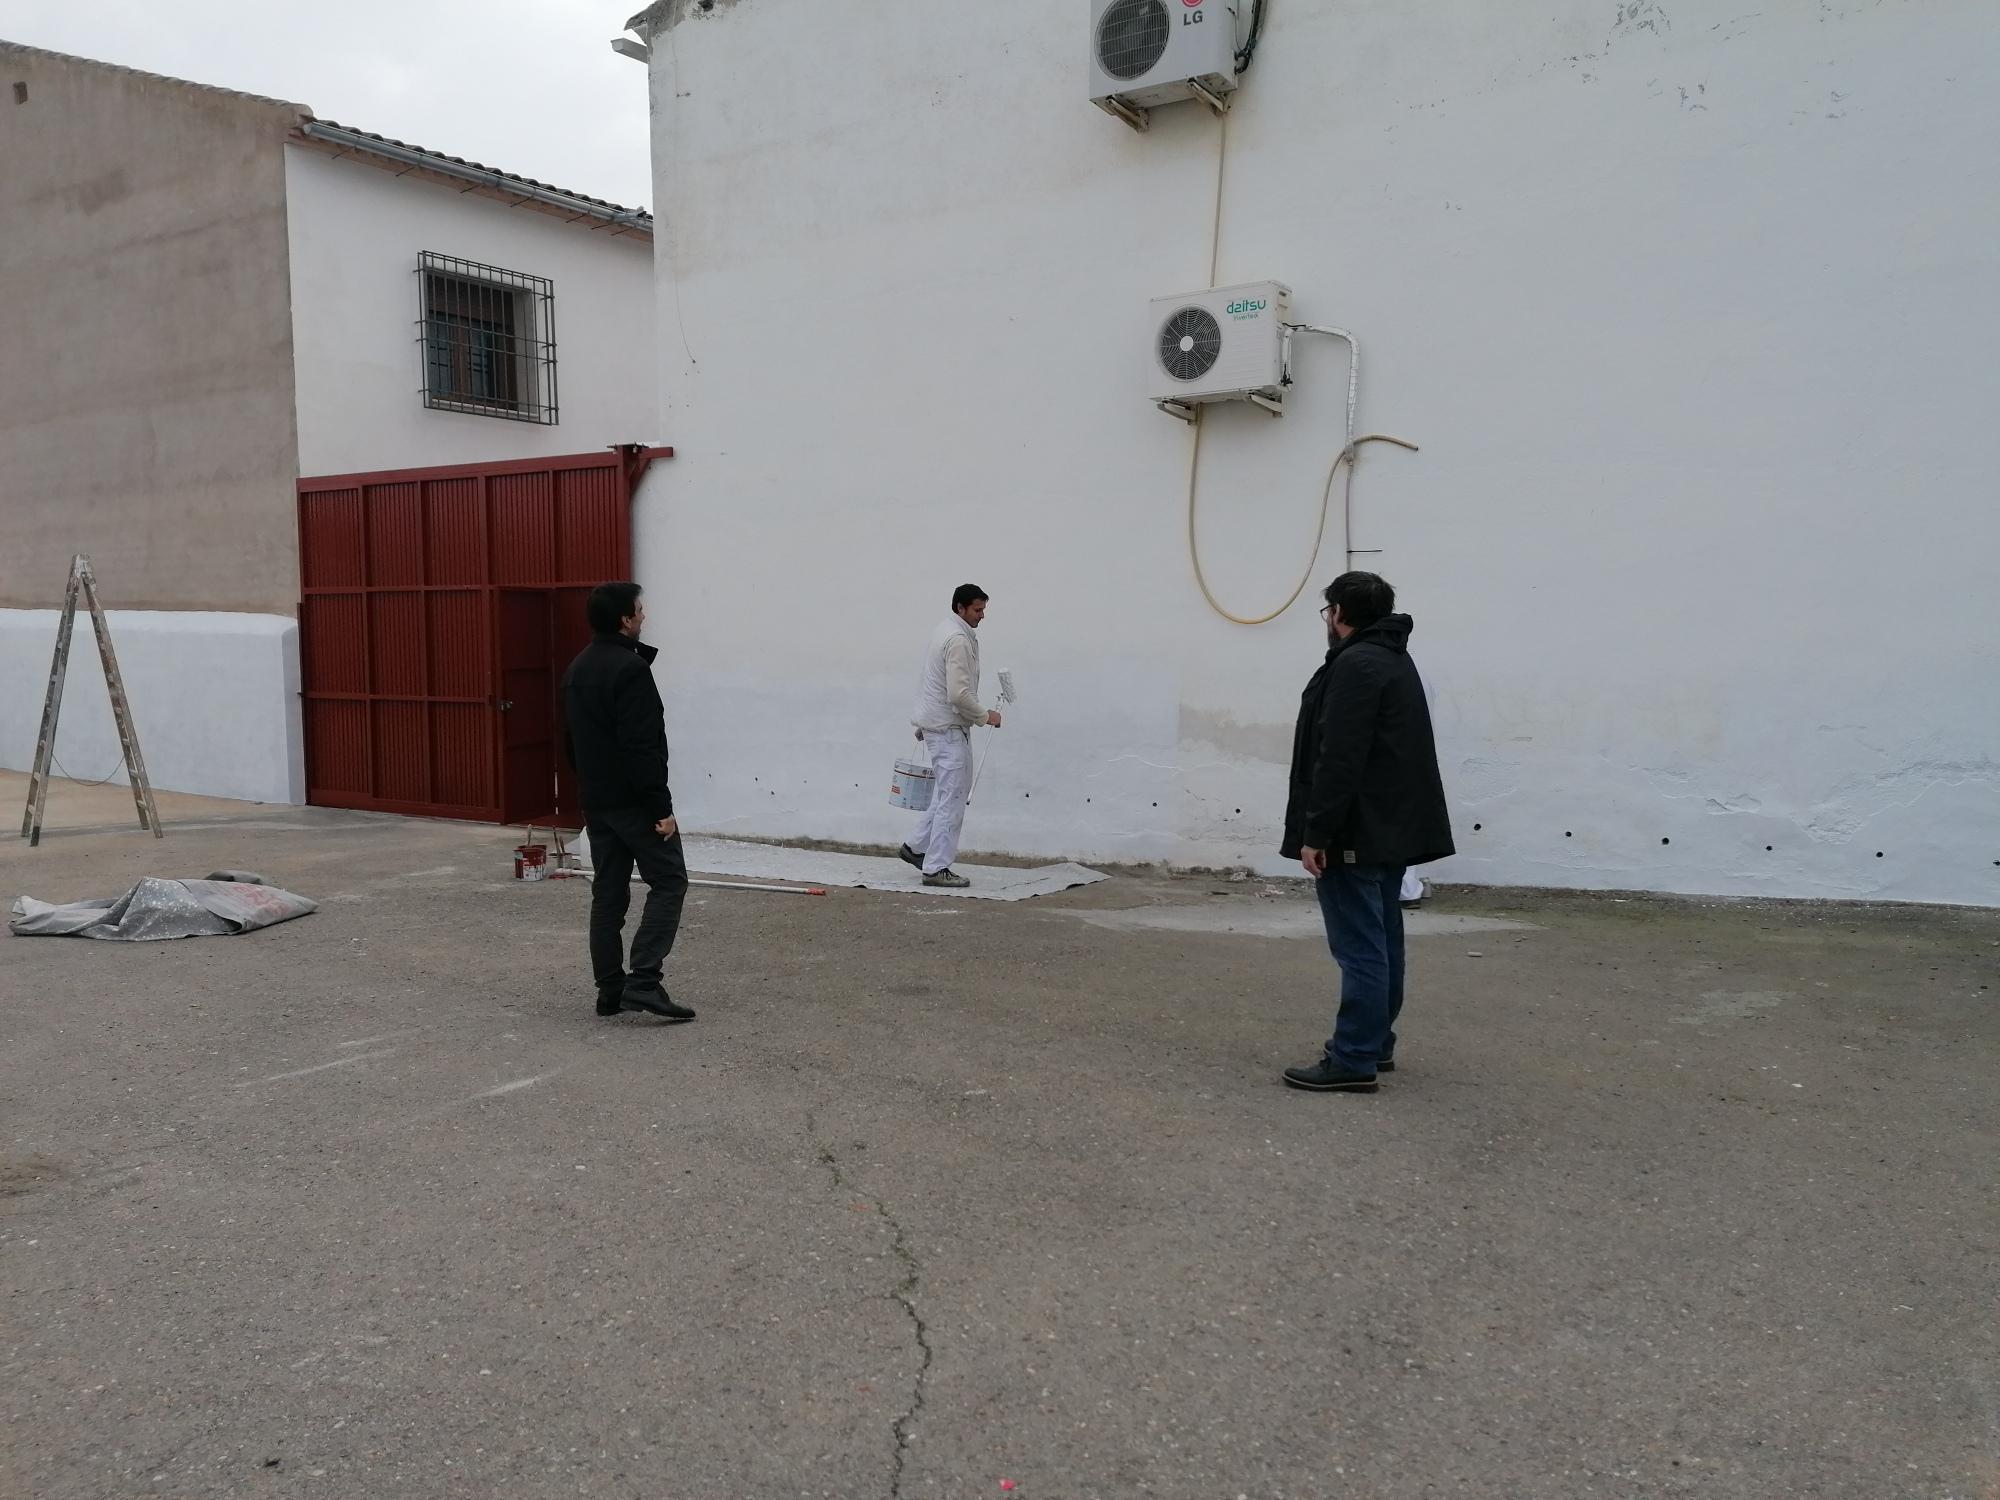 El Ayuntamiento instala una nueva puerta de acceso a la instalación deportiva por el callejón del Serón